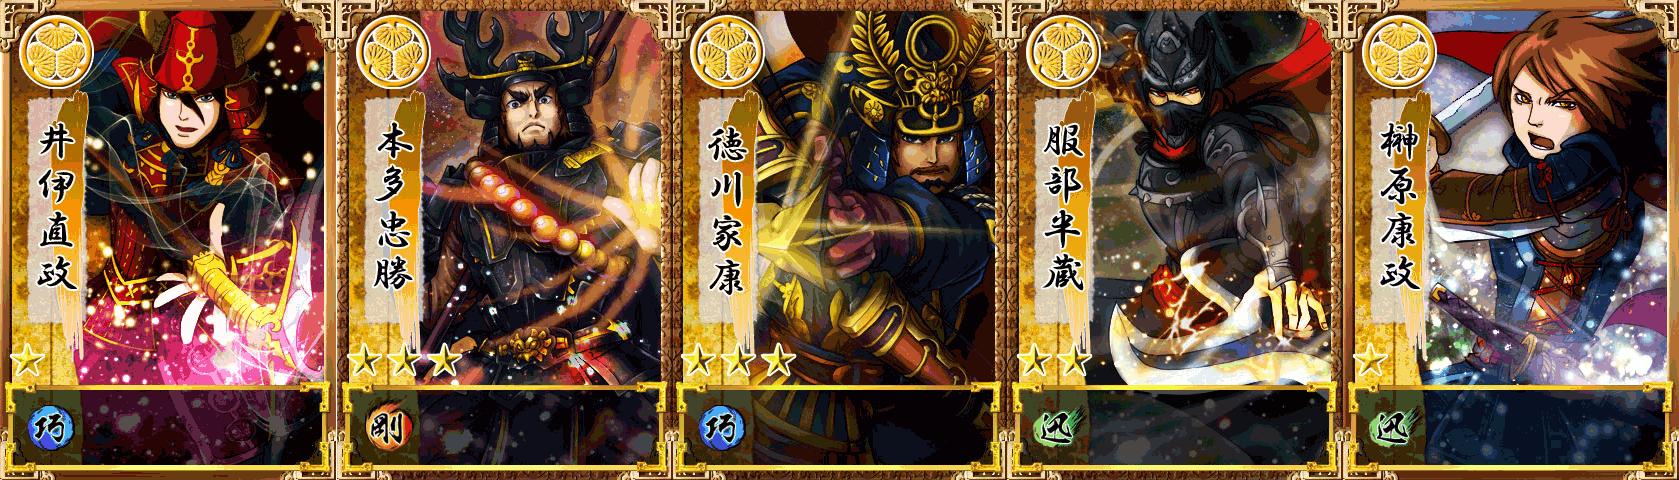 5種類の武将カードを集めよう!